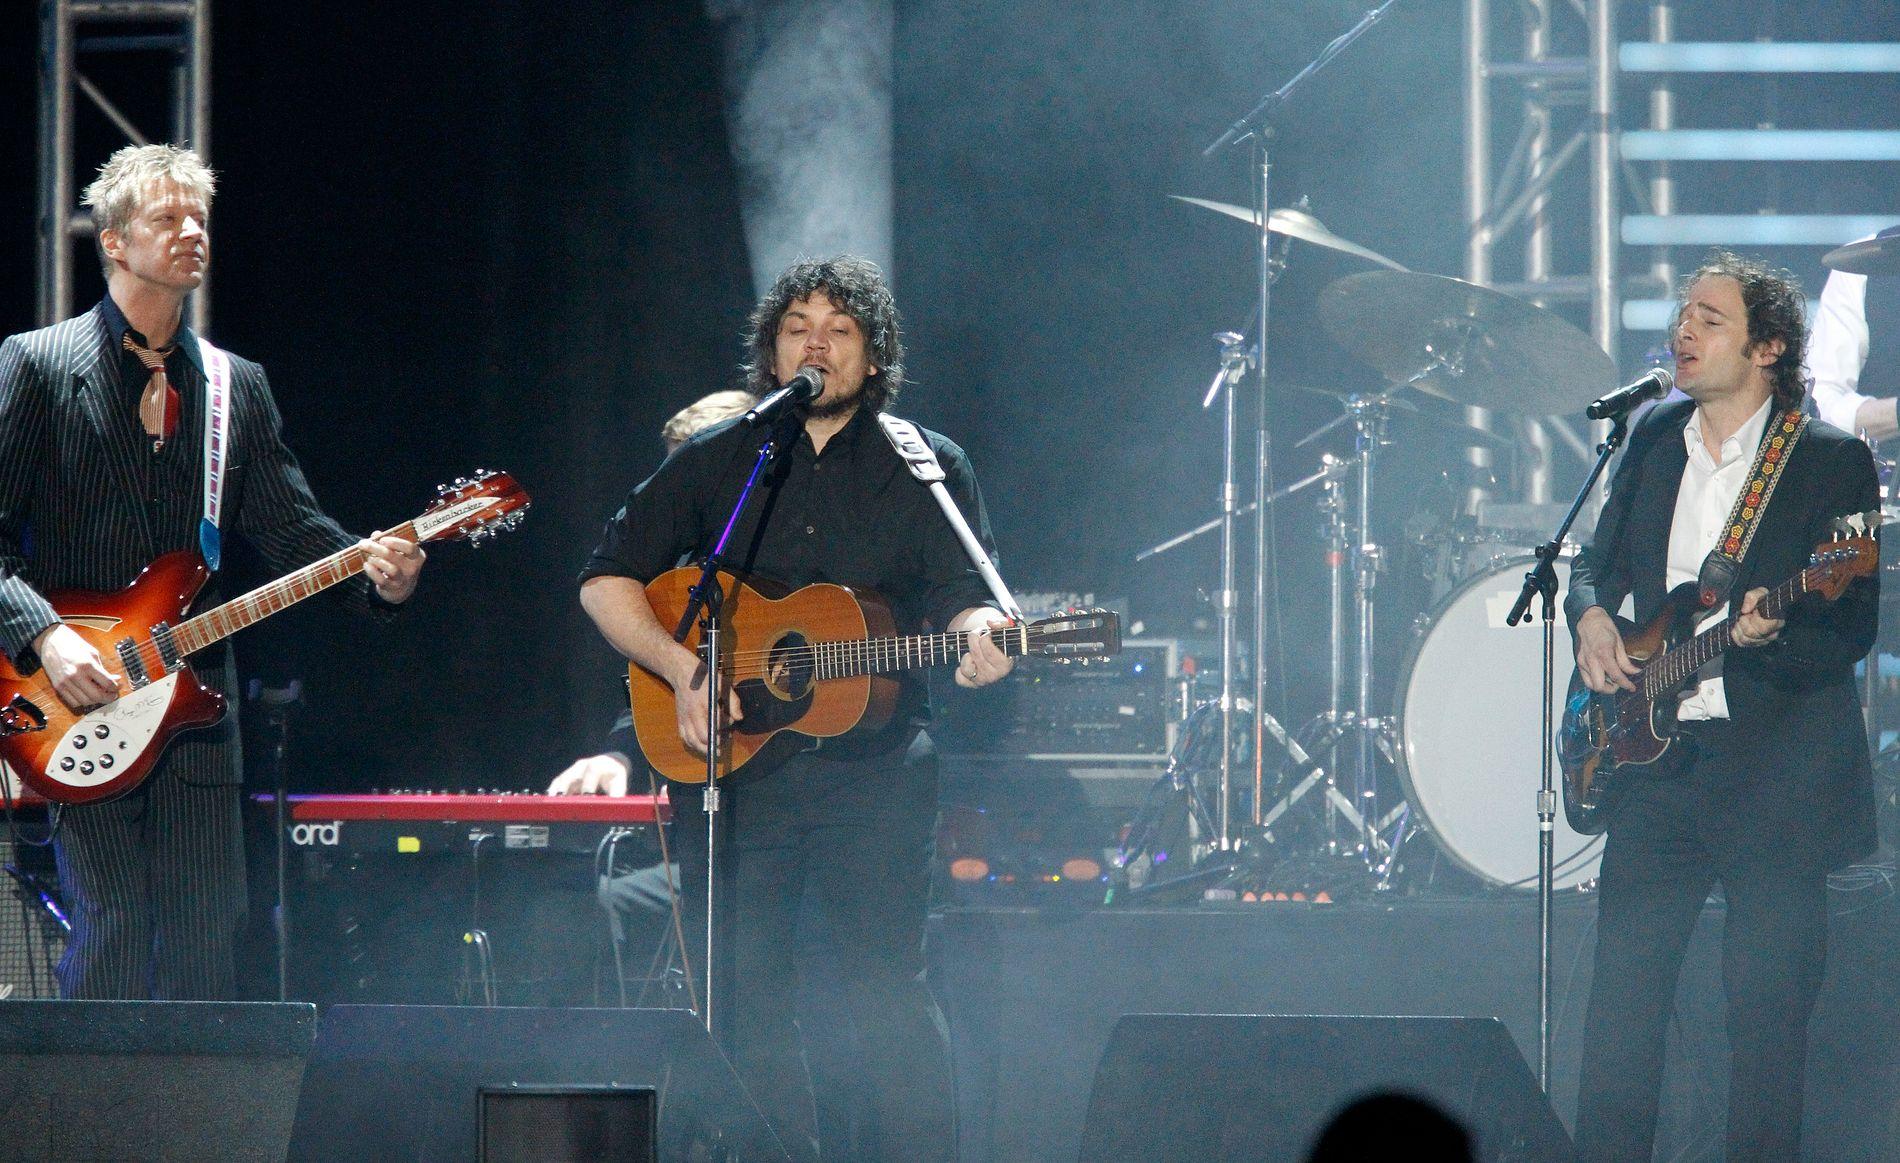 KOMMER: Nels Cline, Jeff Tweedy og John Stirratt er kjernen i Wilco.